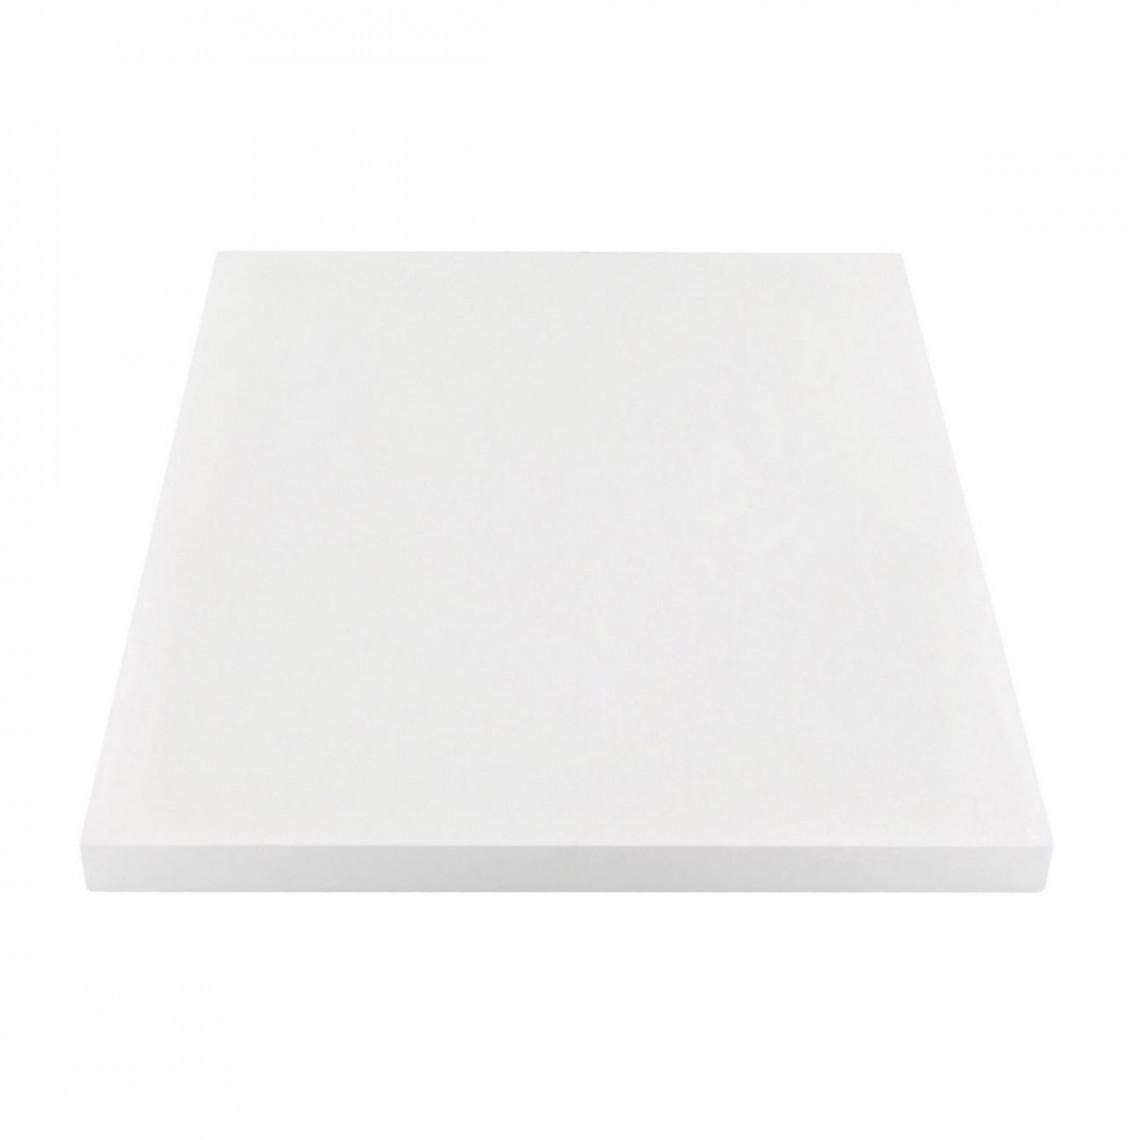 Planche à découper blanche (30 x 40 cm)